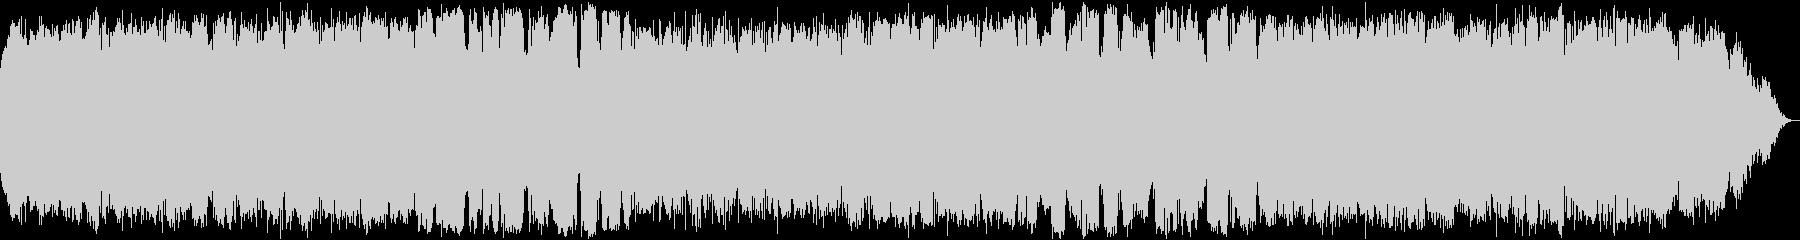 自然の音色のヒーリング音楽の未再生の波形